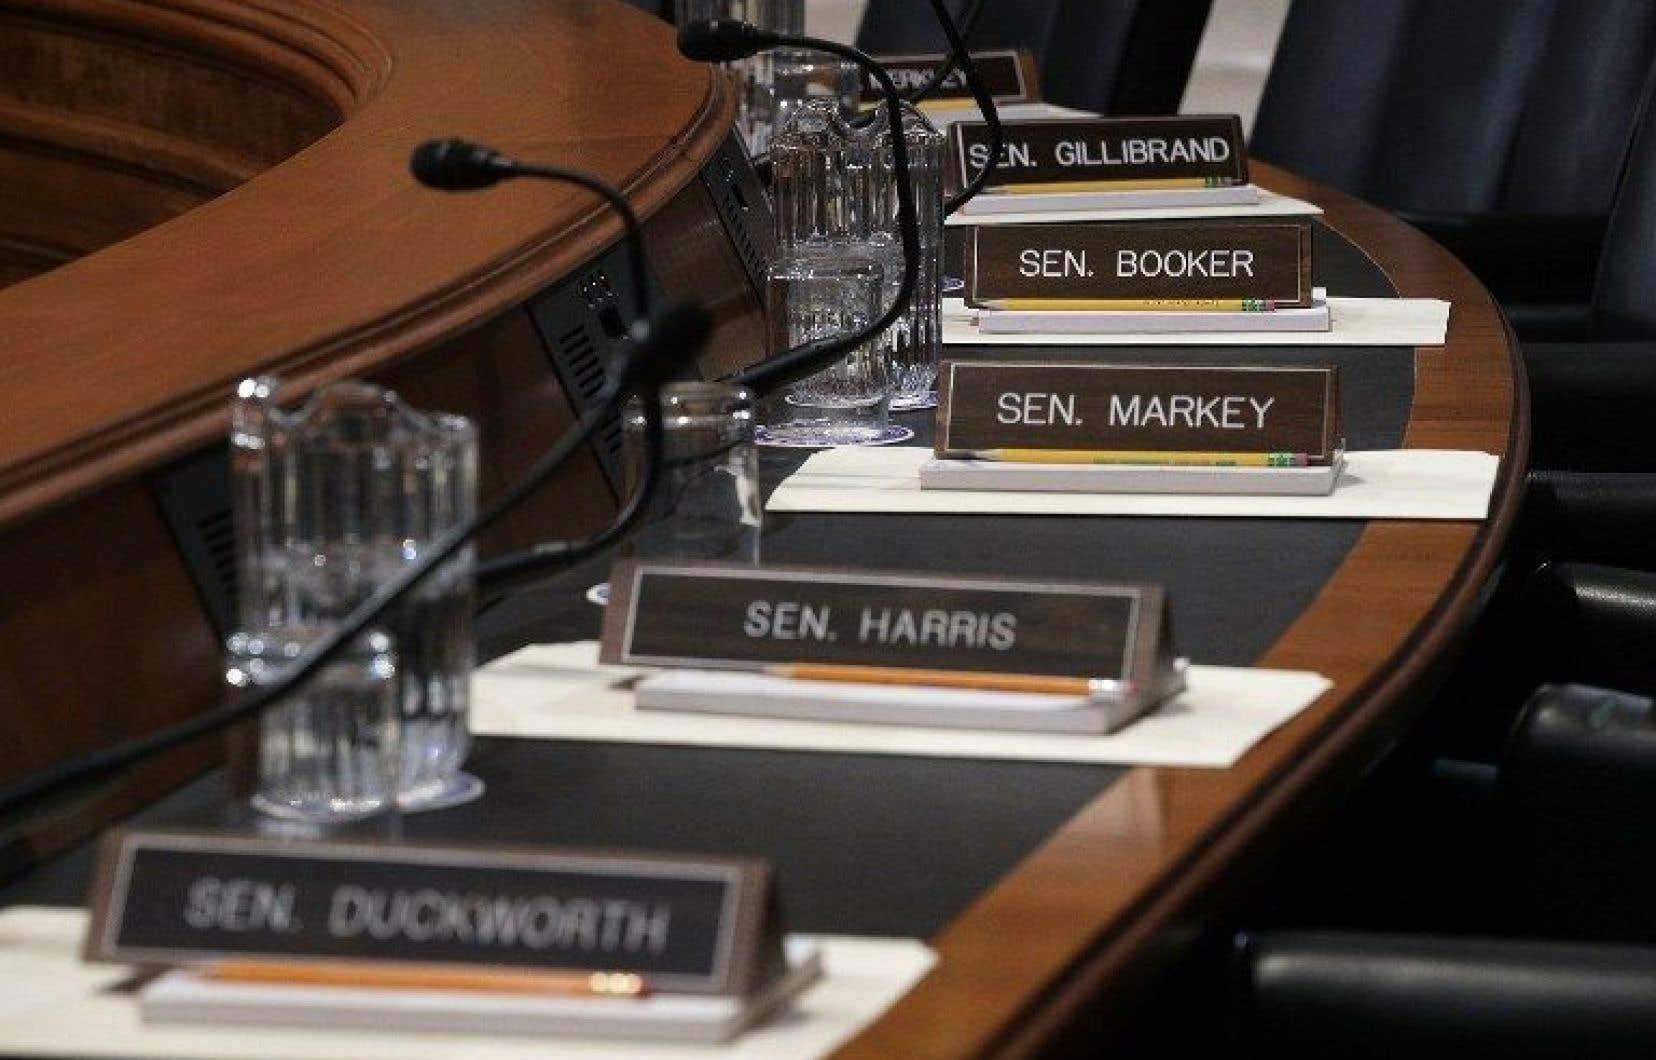 Les démocrates usent depuis le 20janvier de tous les moyens dilatoires possibles au Sénat pour retarder la confirmation du premier gouvernement Trump.